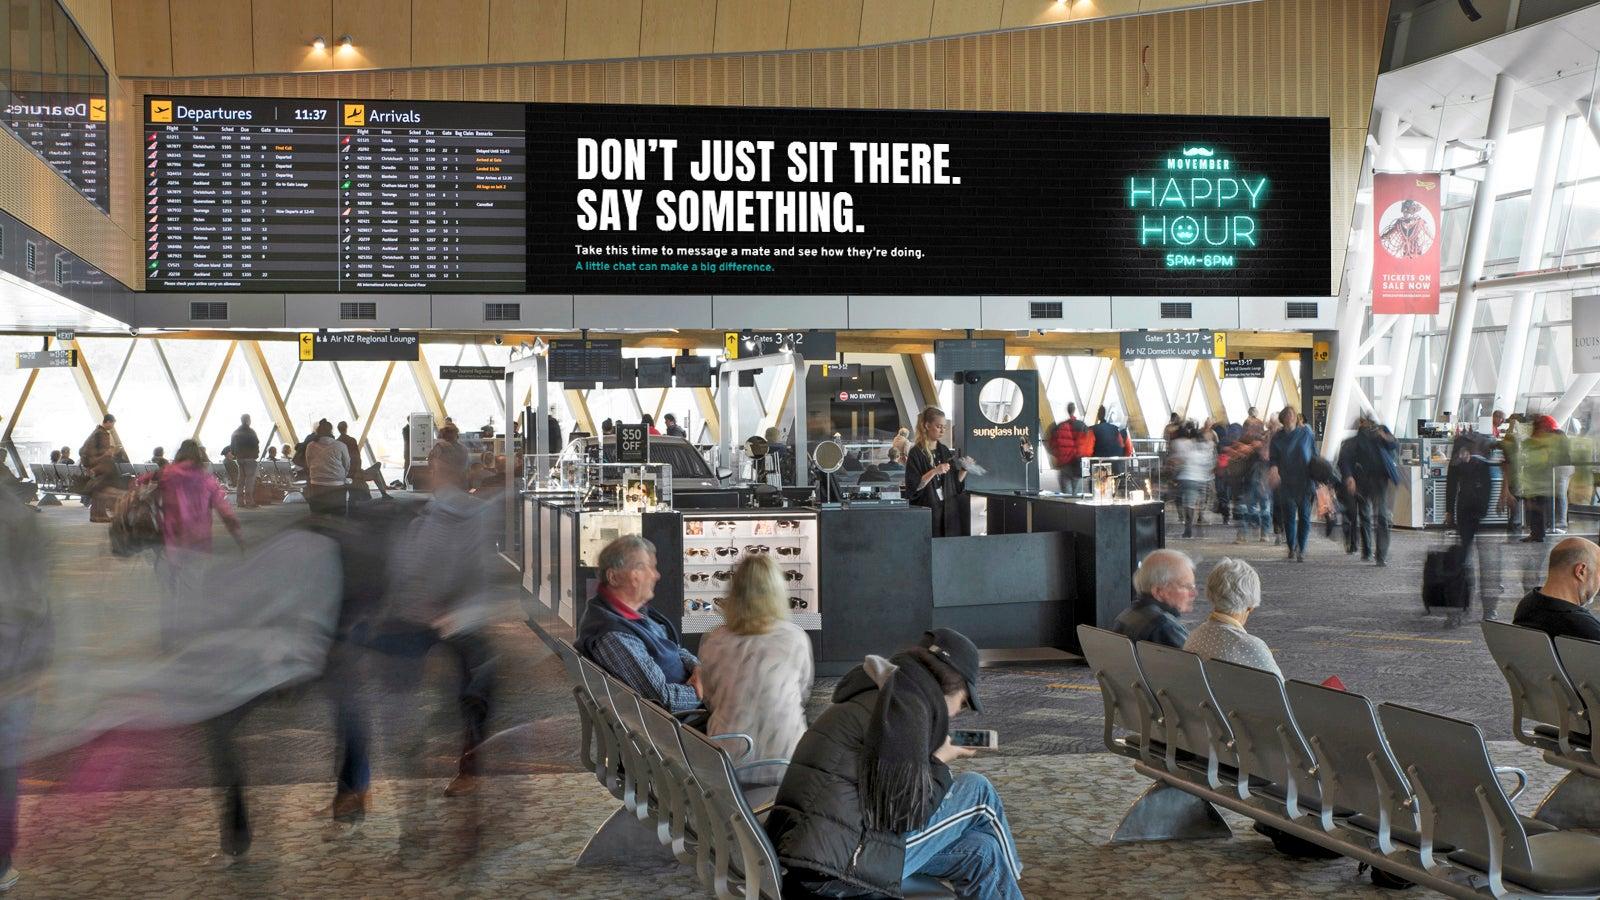 Movember Happy Hour Wellington Airport